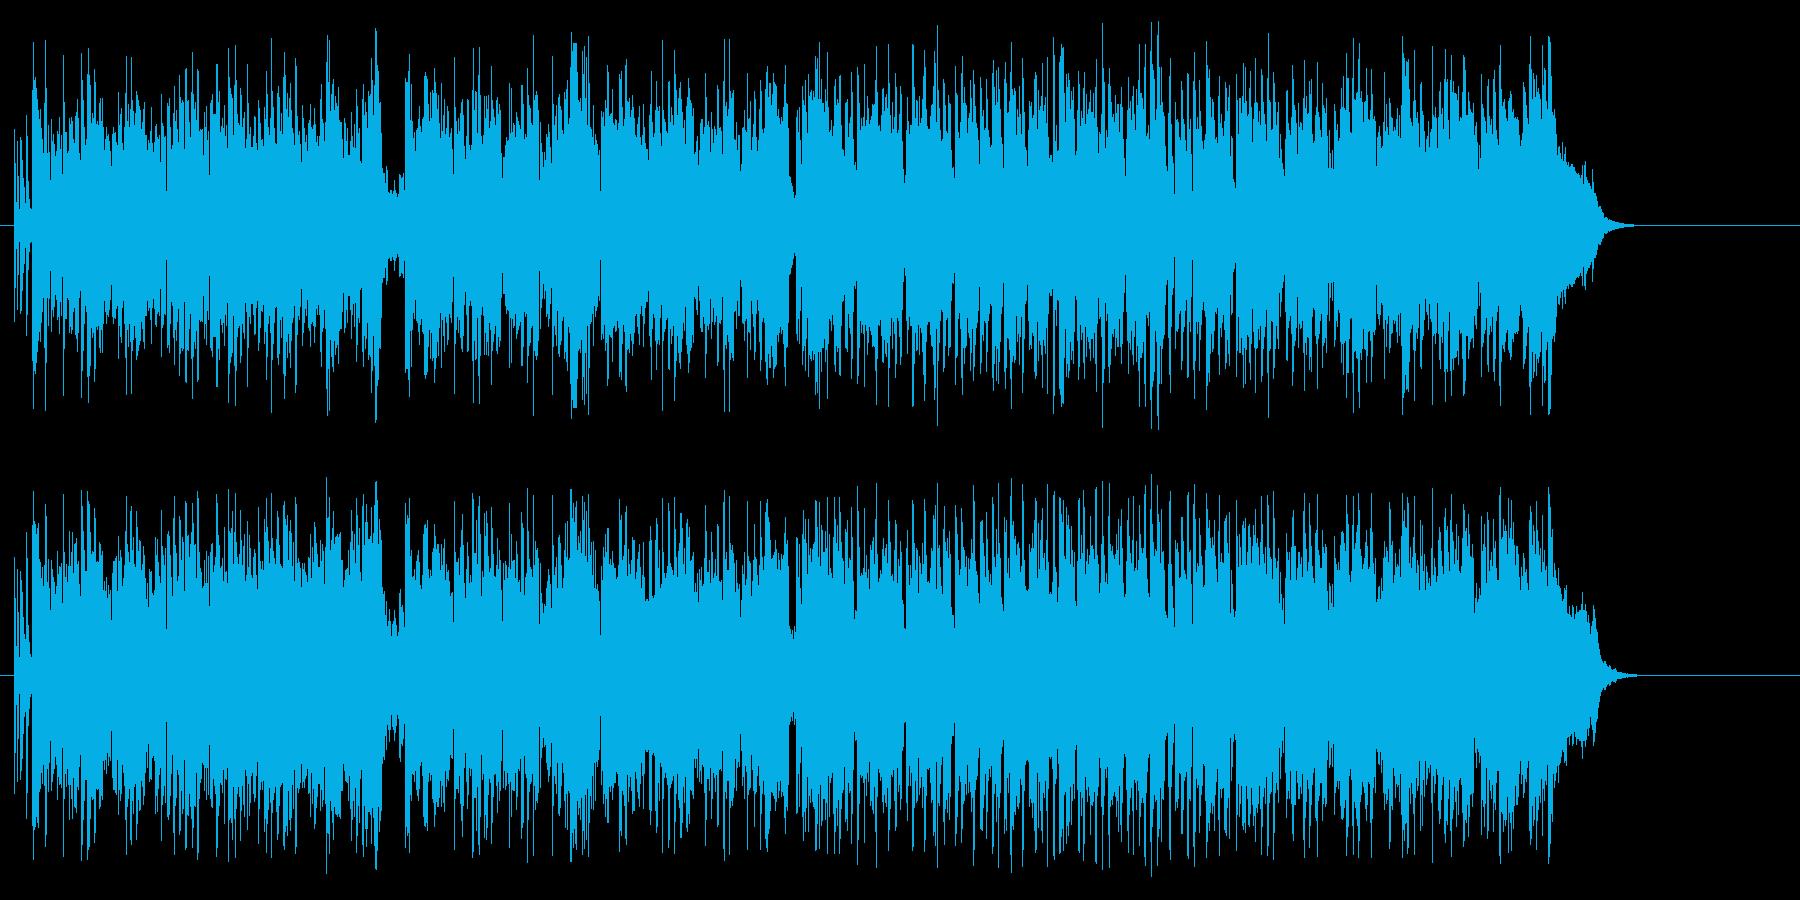 胸弾む、青空広がるポップスの再生済みの波形